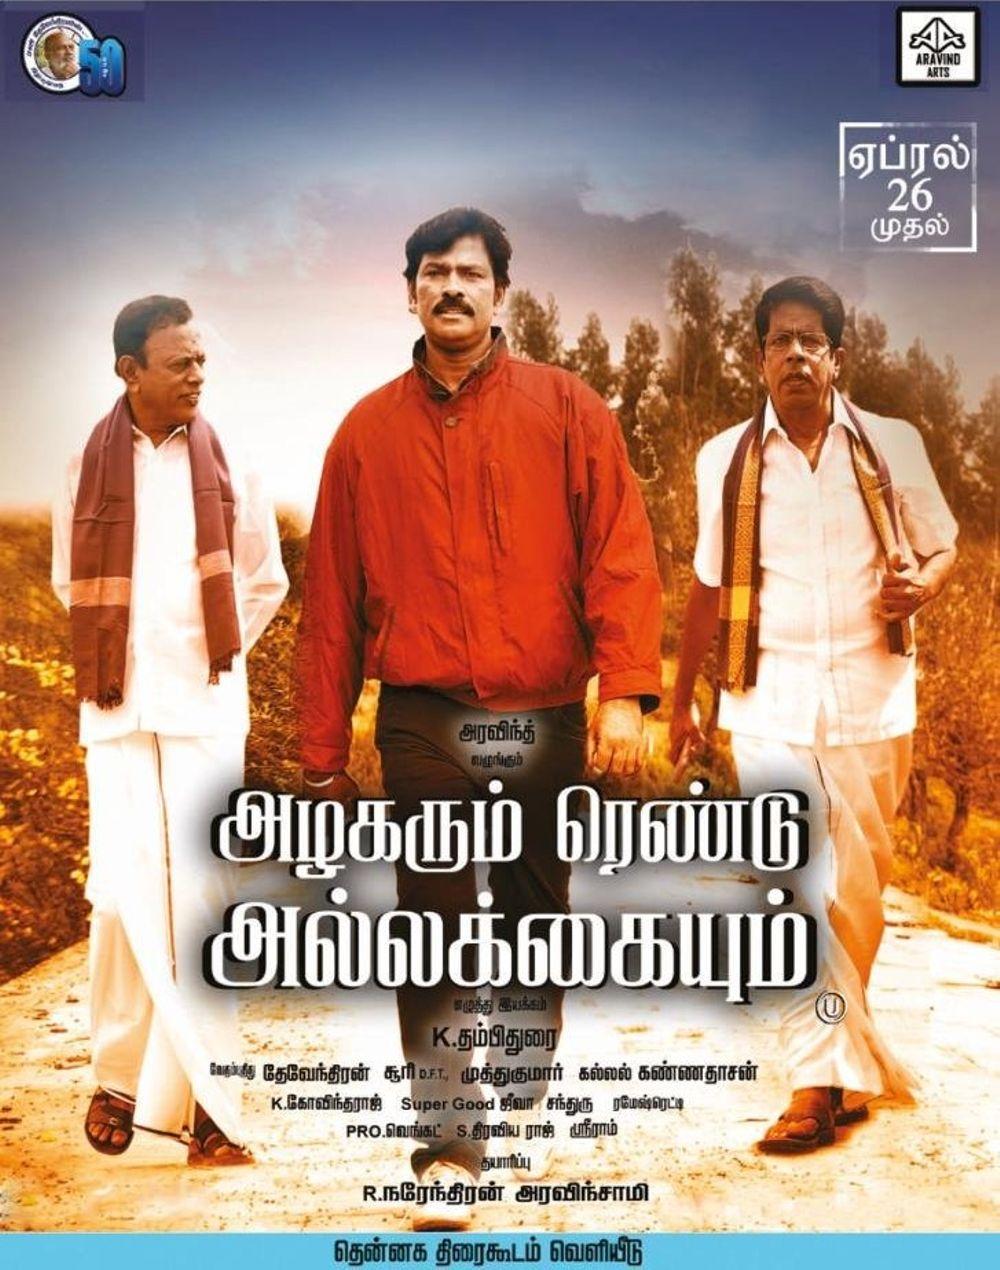 Alagarum Rendu Allakaium Movie Review